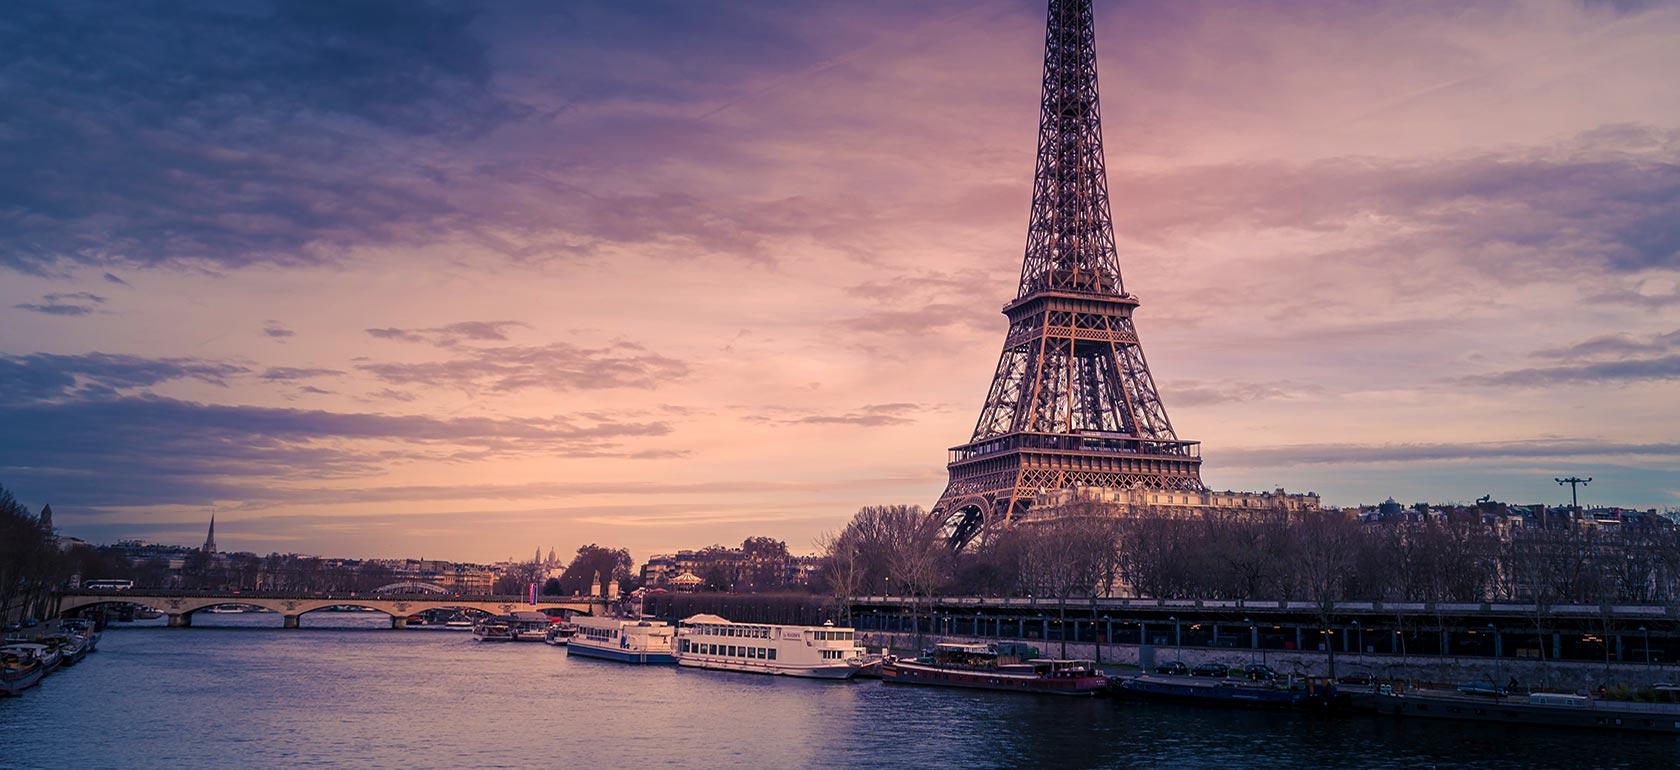 Appart hôtel Paris : quels sont les critères d'un bon établissement ?